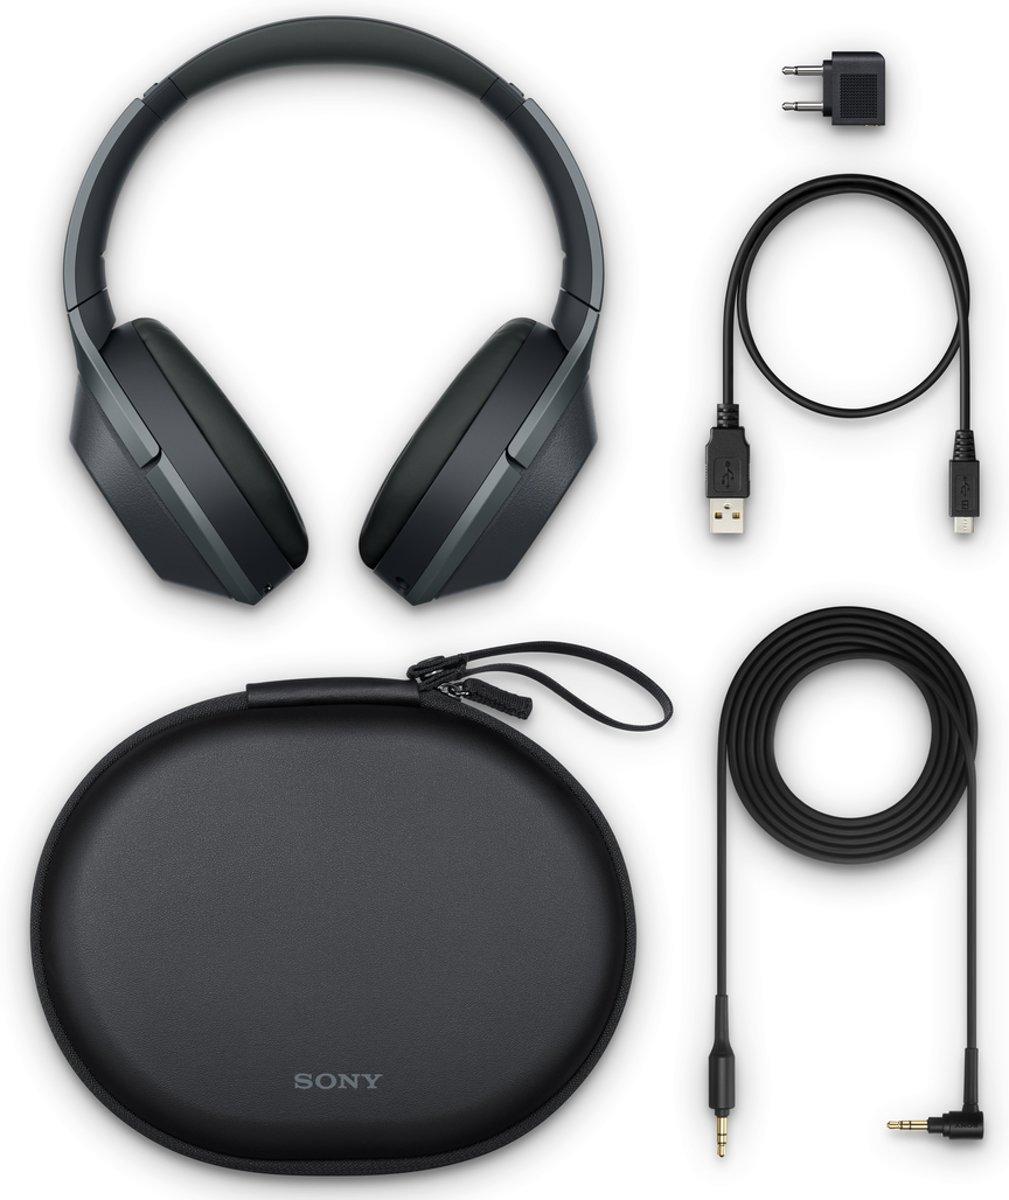 Sony WH-1000XM2 - Draadloze koptelefoon met Noise Cancelling - Zwart